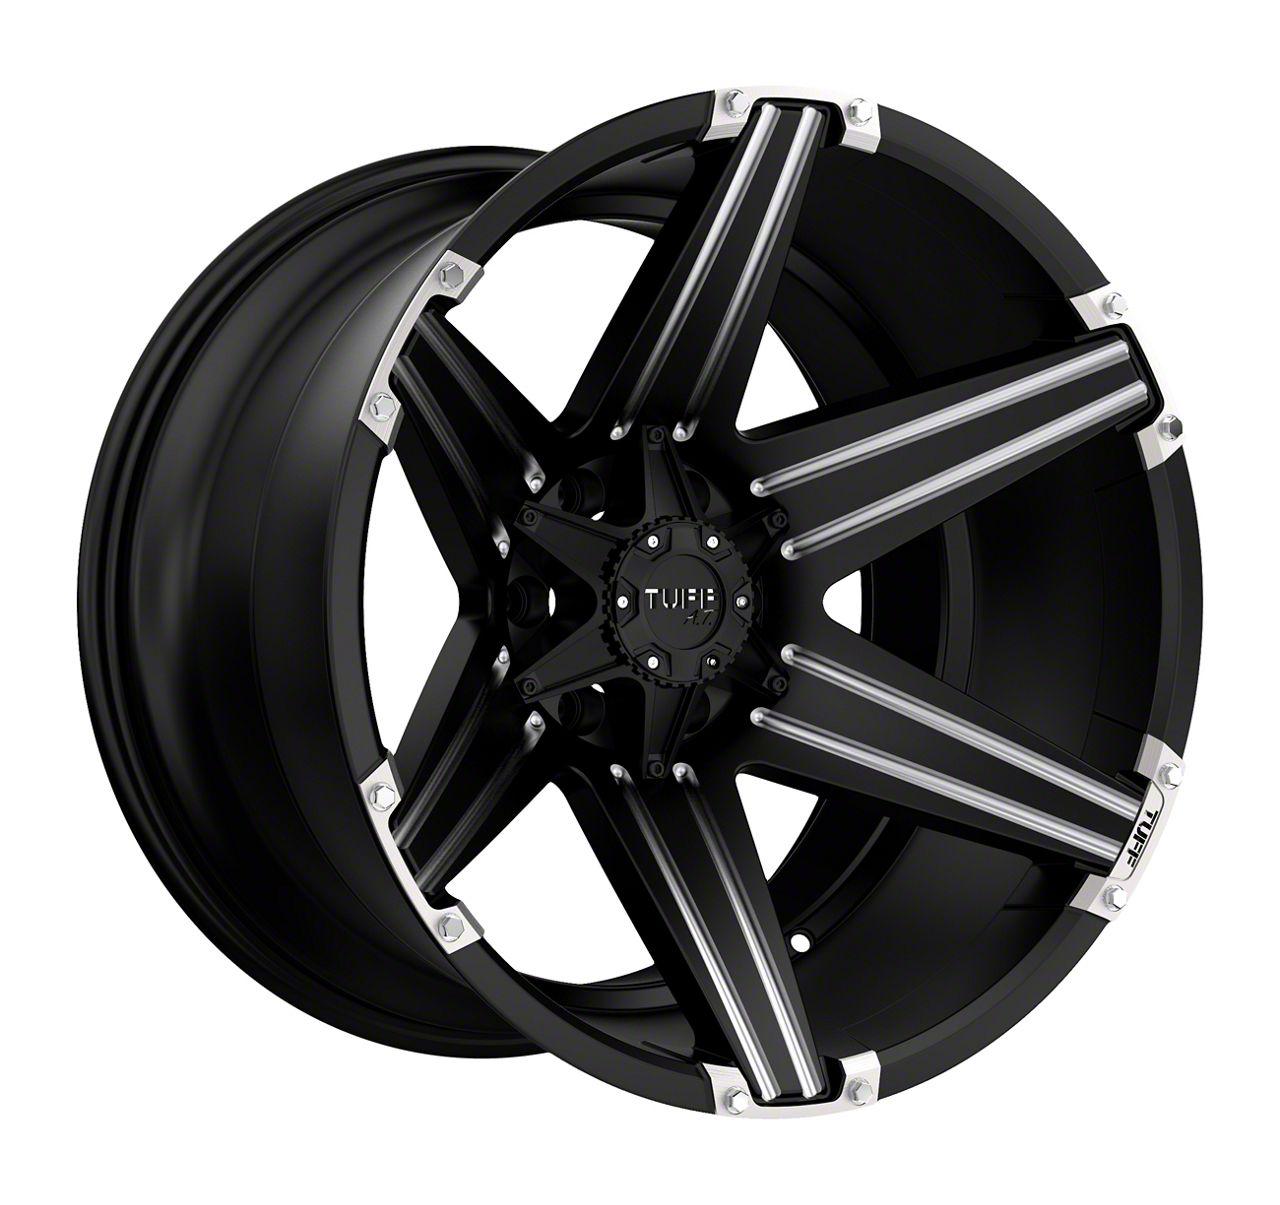 Tuff A.T. T12 Satin Black Milled w/ Brushed Inserts Wheel - 20x12 (87-06 Jeep Wrangler YJ & TJ)